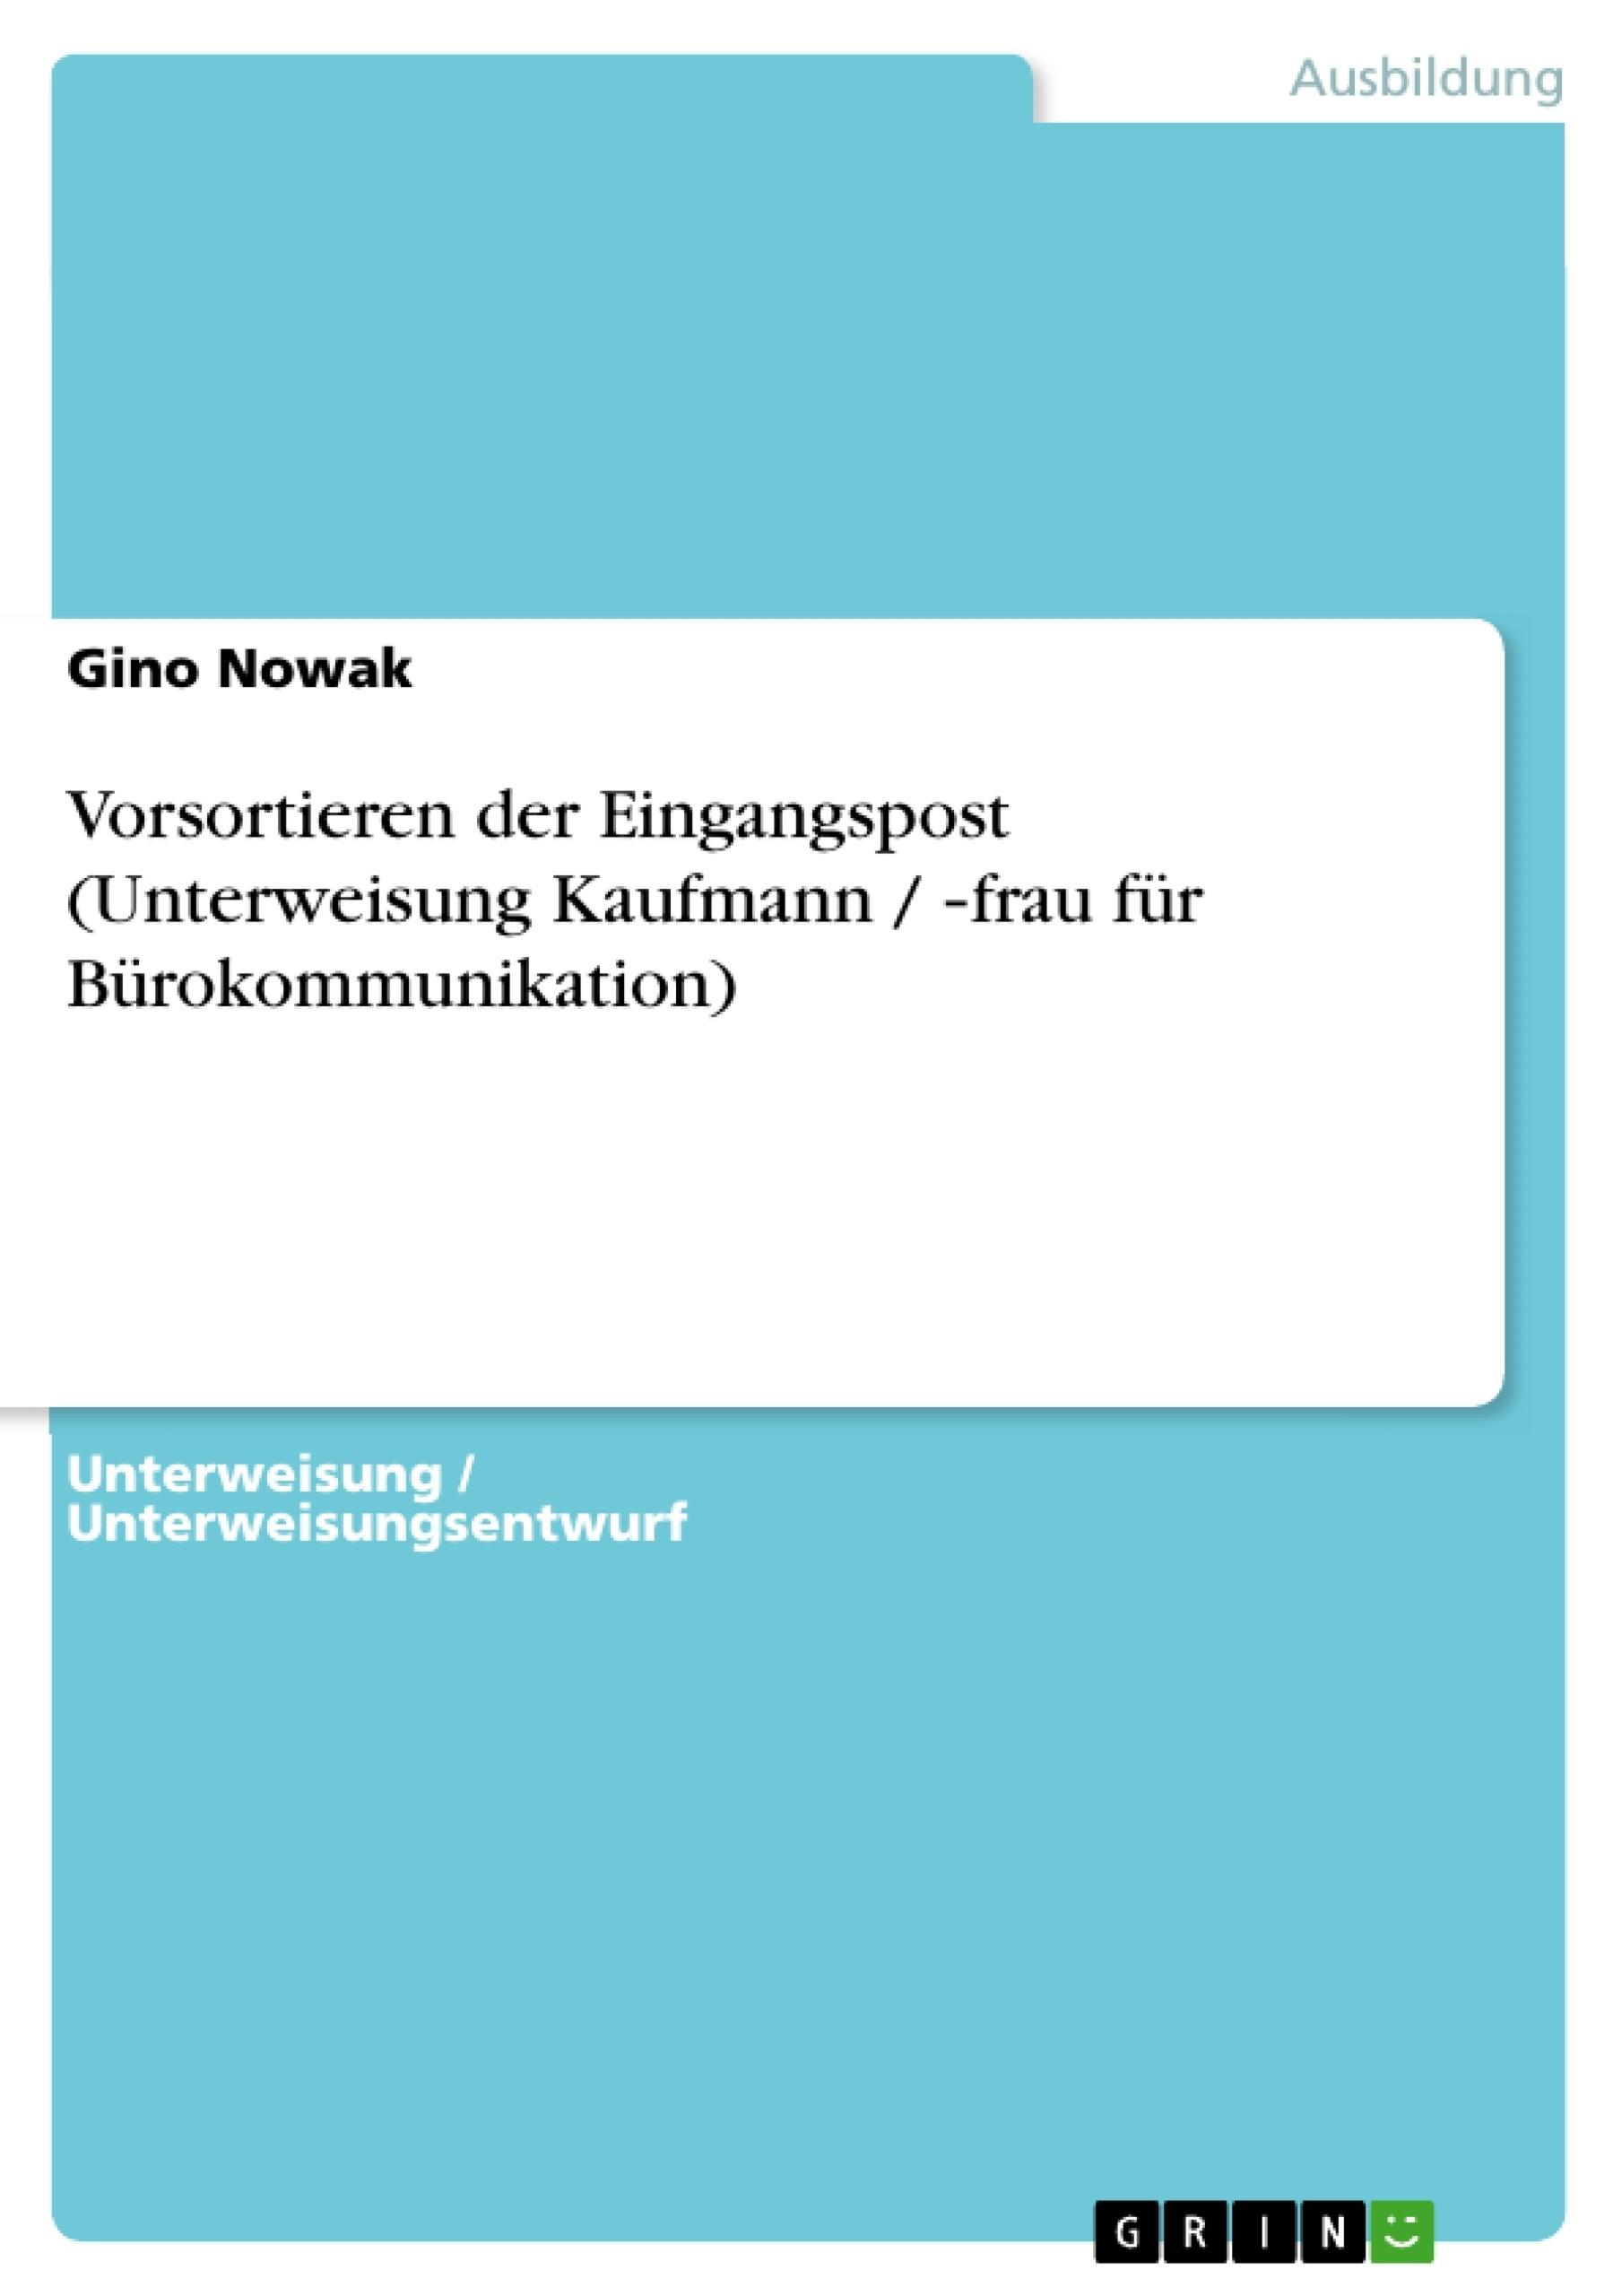 Titel: Vorsortieren der Eingangspost (Unterweisung Kaufmann / ‐frau für Bürokommunikation)